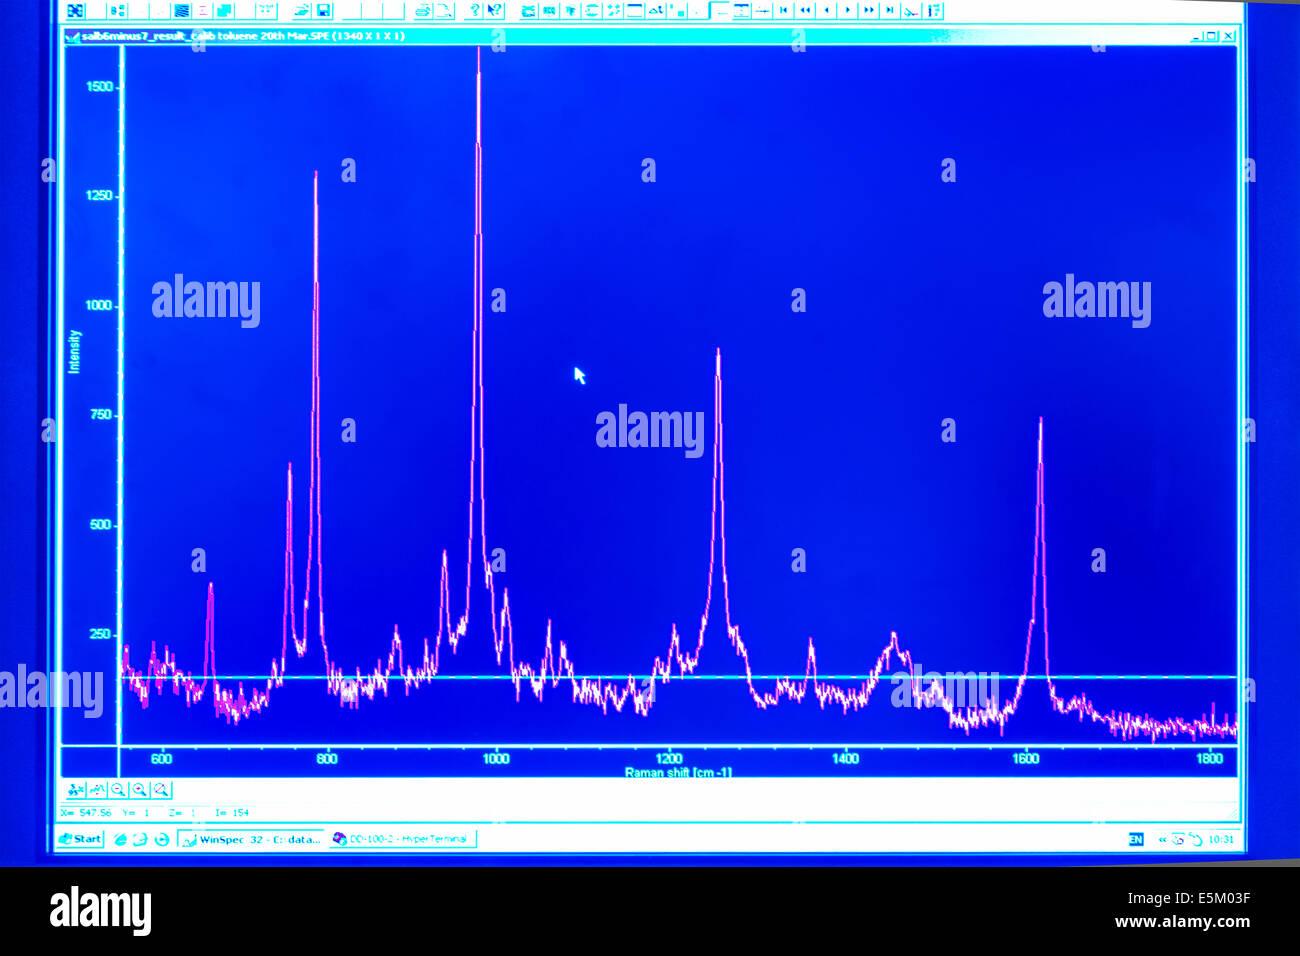 Computer-Bildschirm zeigt die Ergebnisse der Raman-Spektroskopie experimentieren. Stockbild